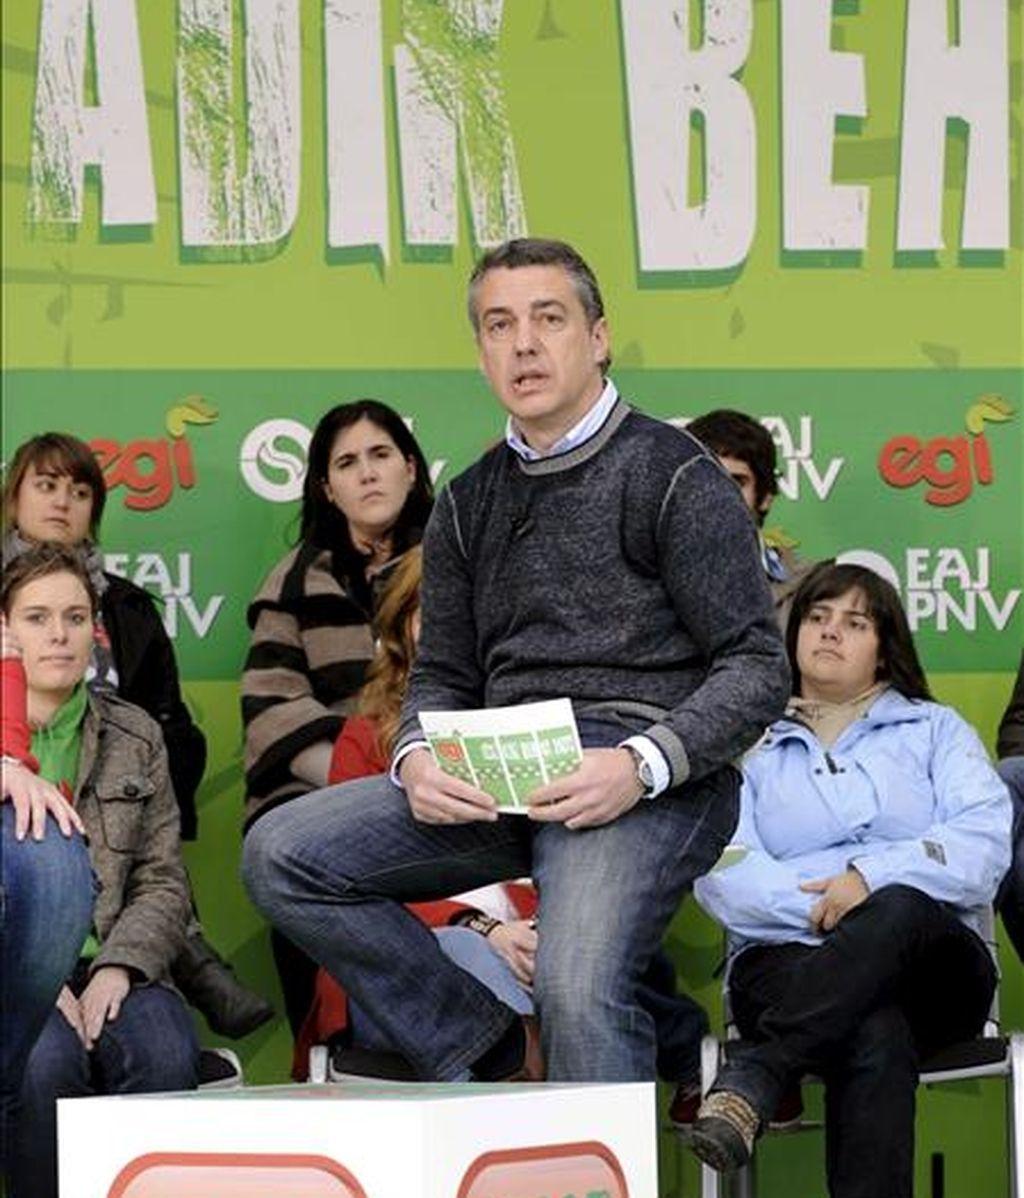 El presidente del PNV, Íñigo Urkullu, en el frontón de Dima -decorado para la ocasión-, atiende a las preguntas de los jóvenes afiliados a su partido durante la celebración del 'EGI eguna'. EFE